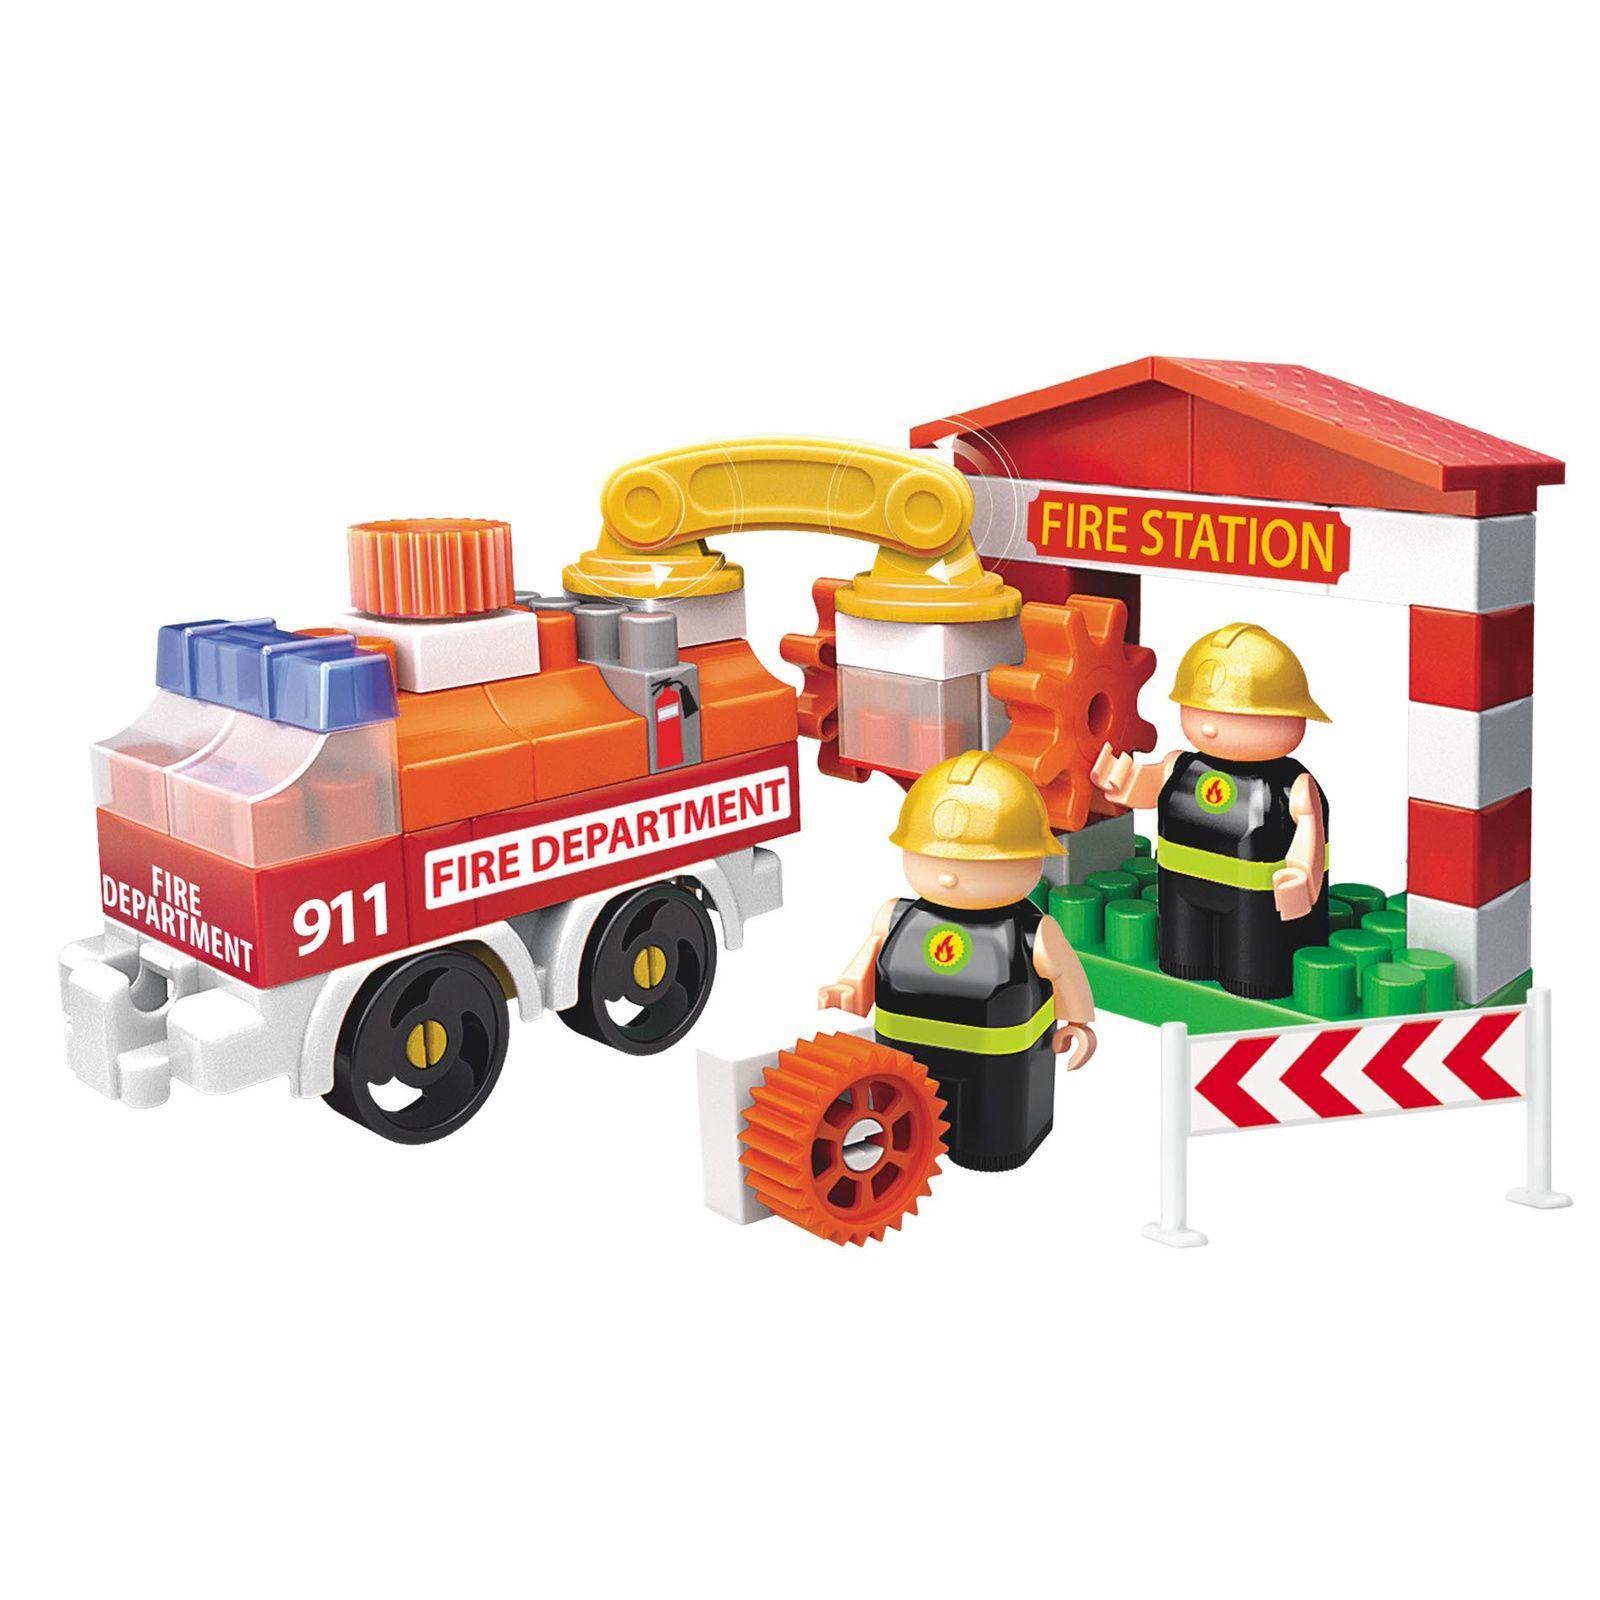 Купить Bauer Конструктор Fireman Пожарная машина и пожарный гидрант 739, Россия